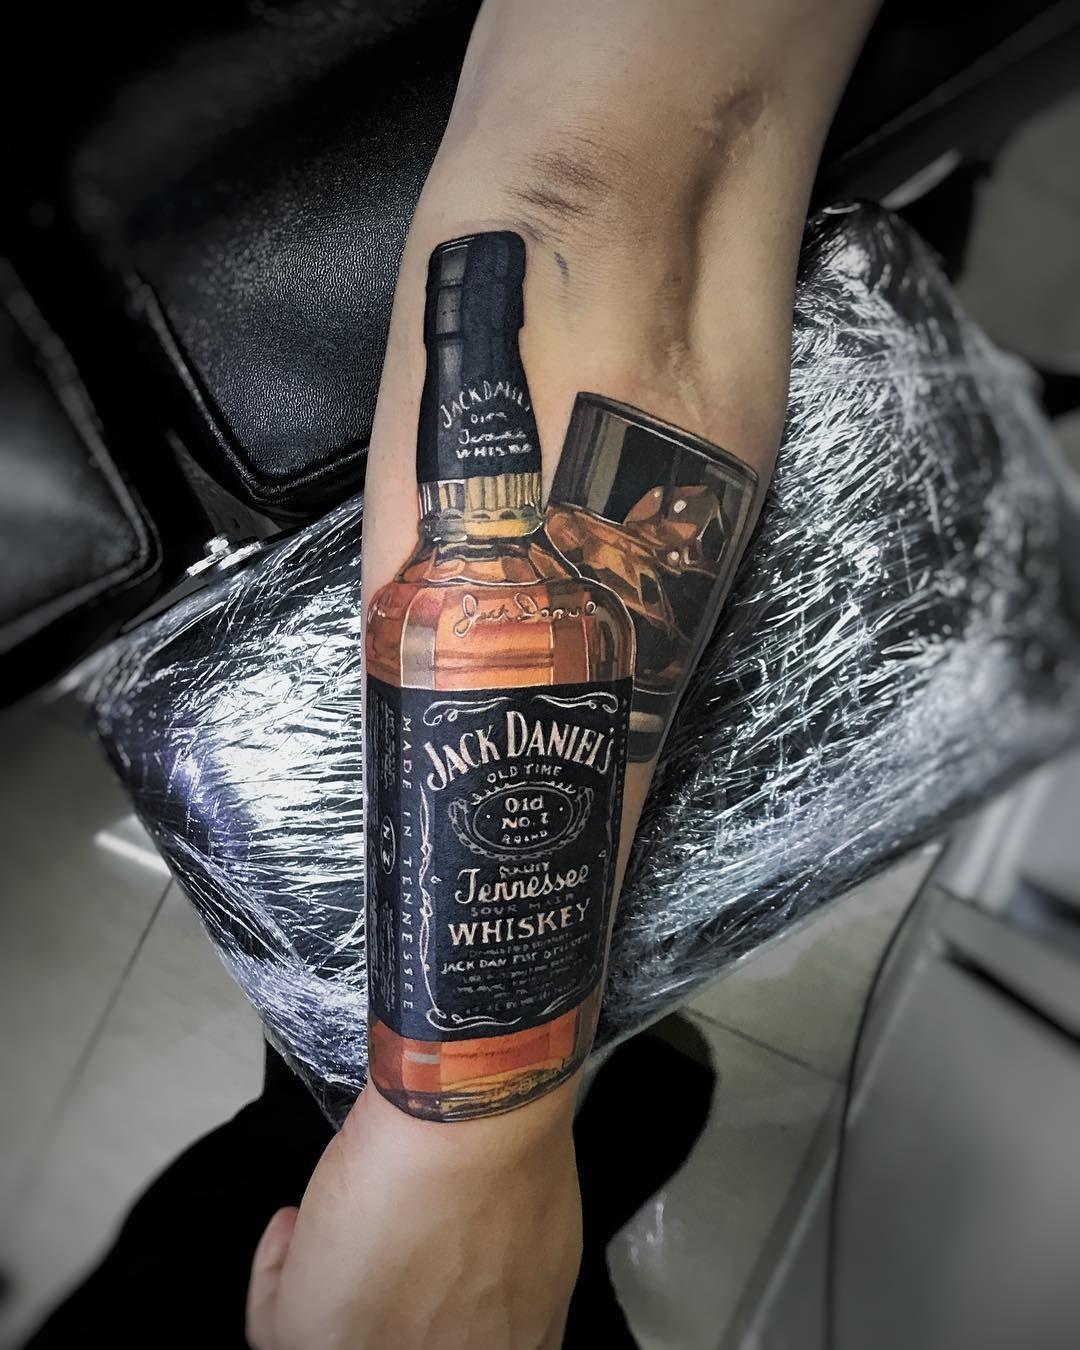 Jack Daniels Realism Bottle Glass Best Tattoo Design Ideas Jack Daniels Tattoo Jack Daniels Daniel Tattoo